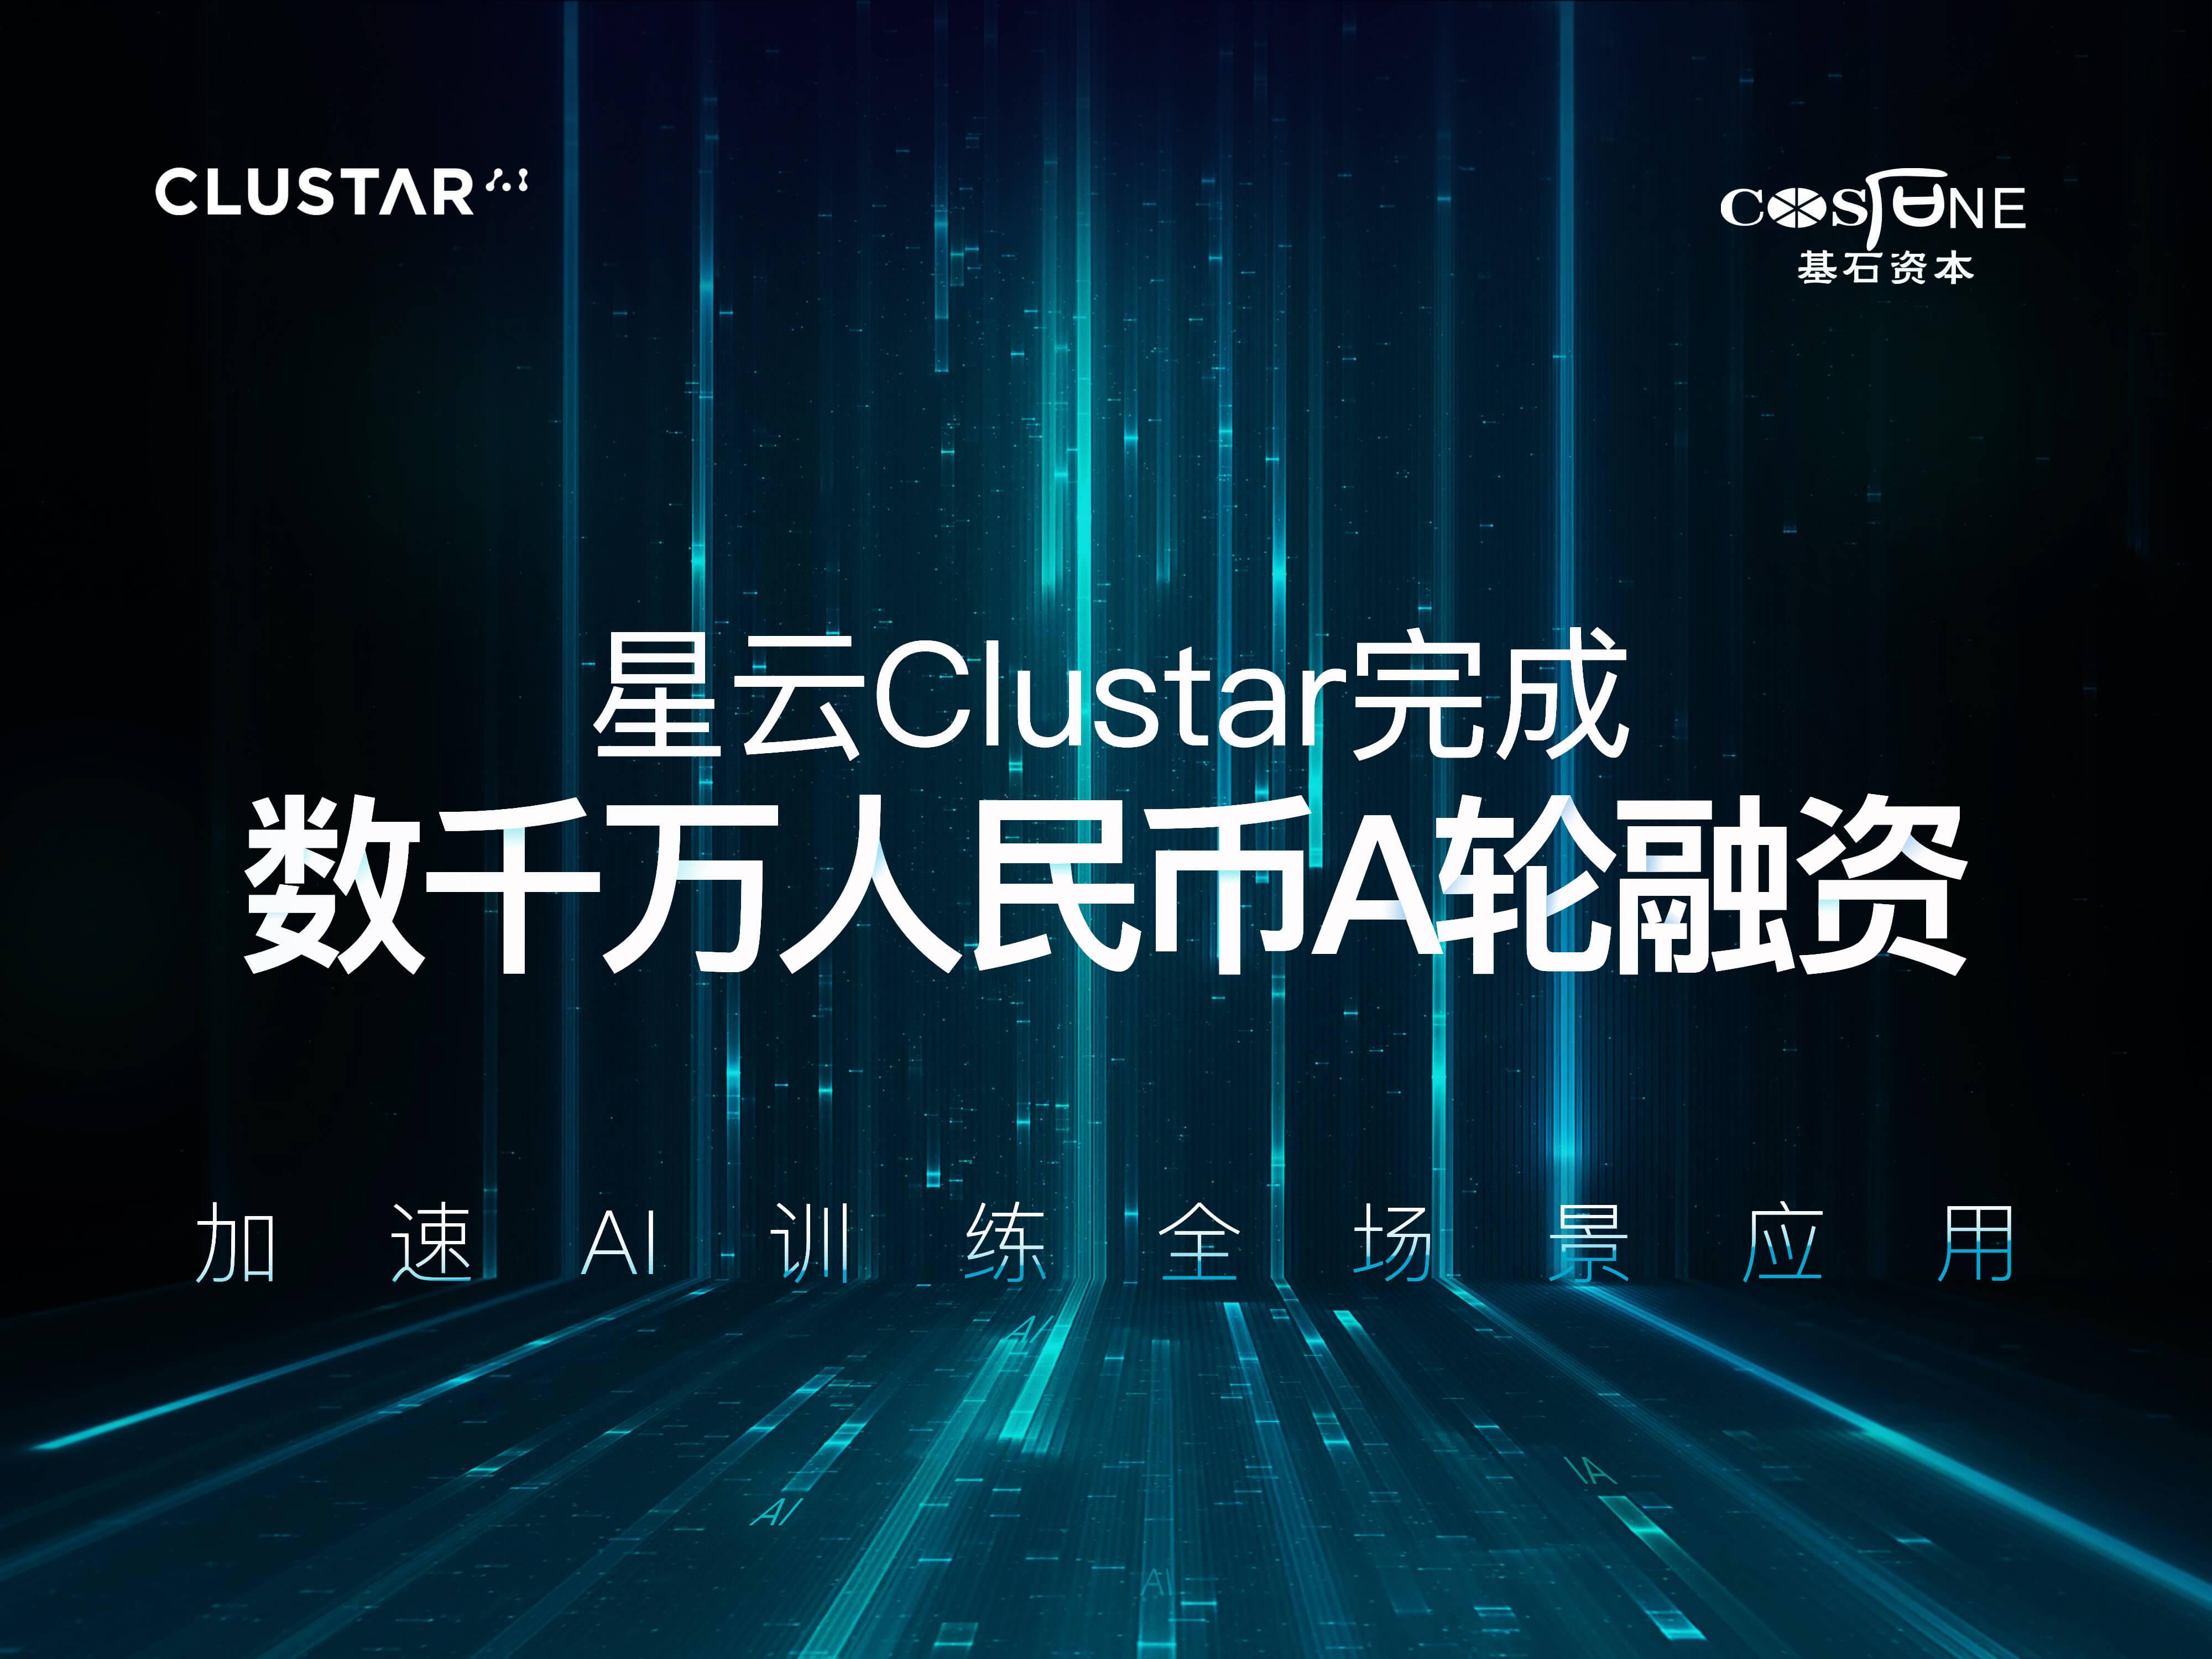 【ToB快讯】星云Clustar完成数千万元A轮融资,加速AI训练全场景应用